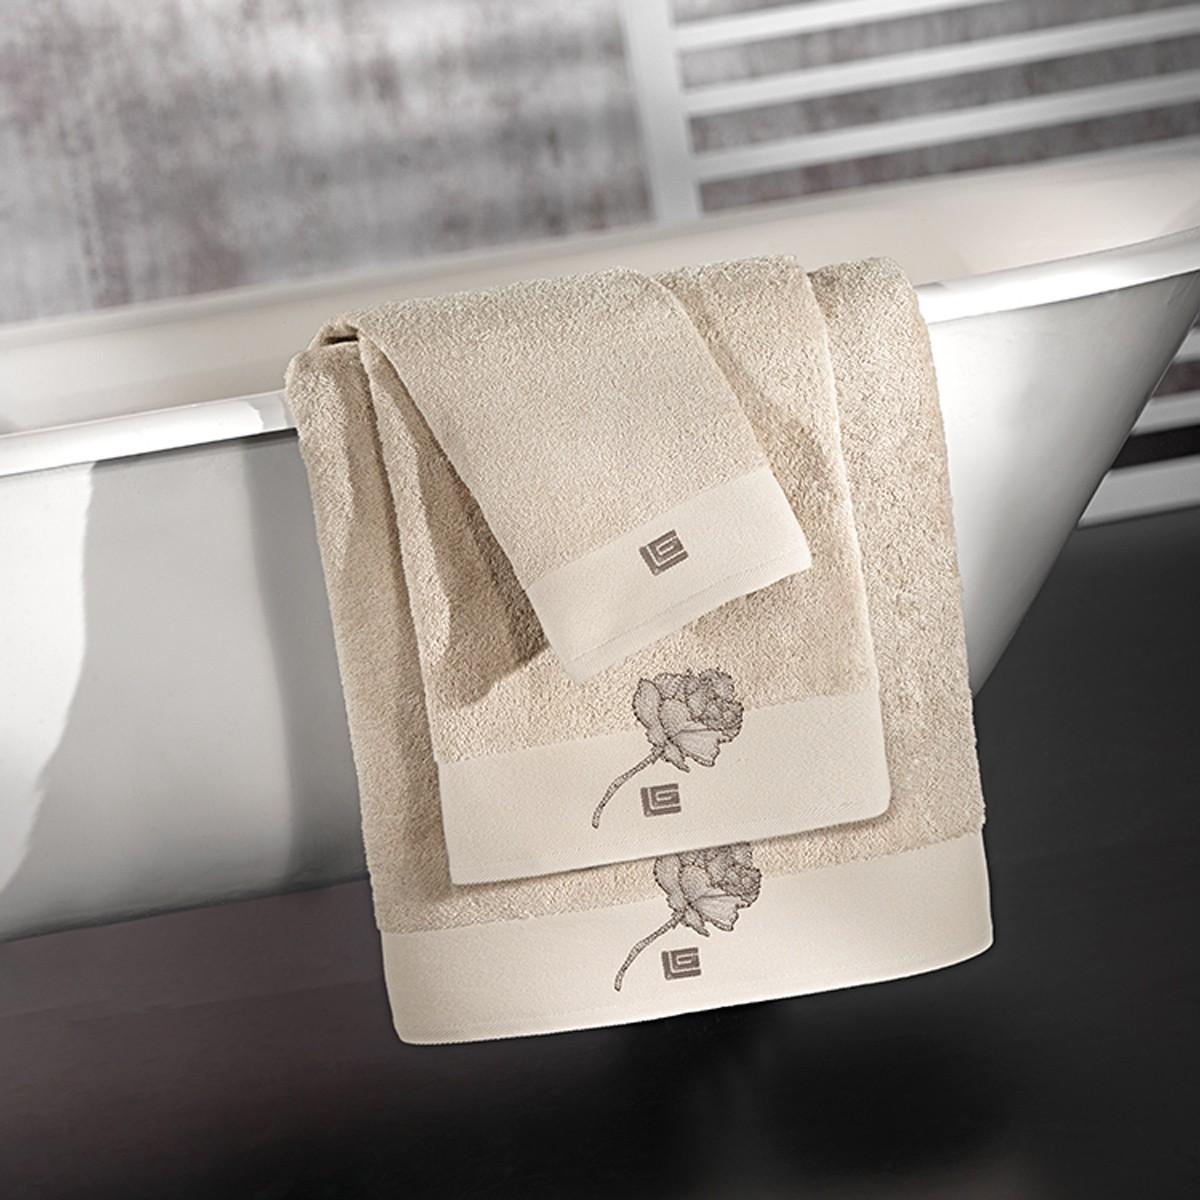 Πετσέτες Μπάνιου (Σετ) Guy Laroche Celia Natural home   μπάνιο   πετσέτες μπάνιου